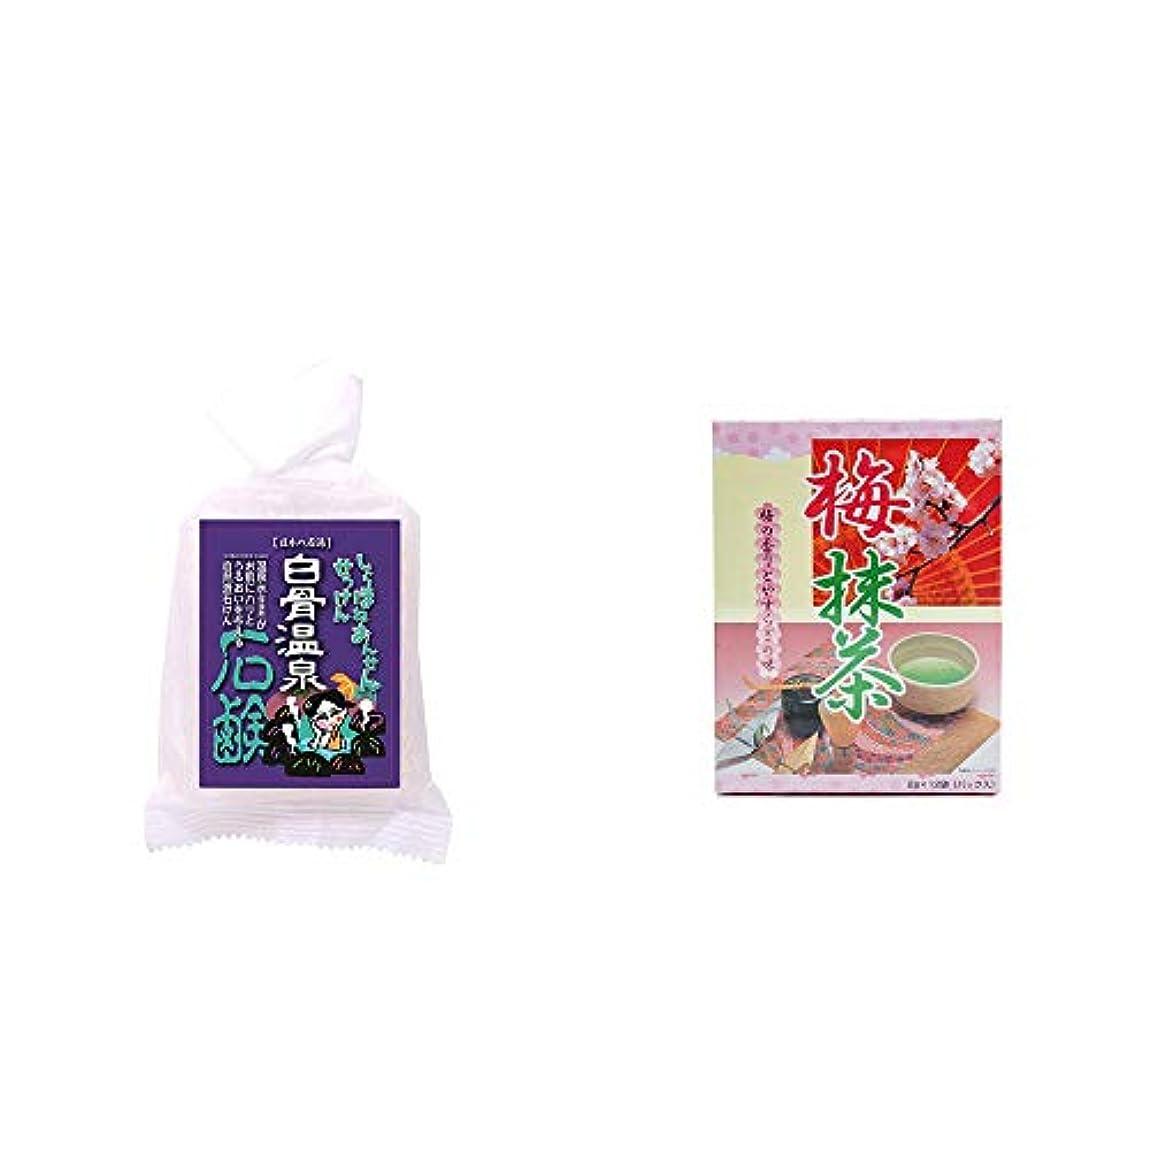 テント資源収益[2点セット] 信州 白骨温泉石鹸(80g)?梅抹茶[小](12袋)